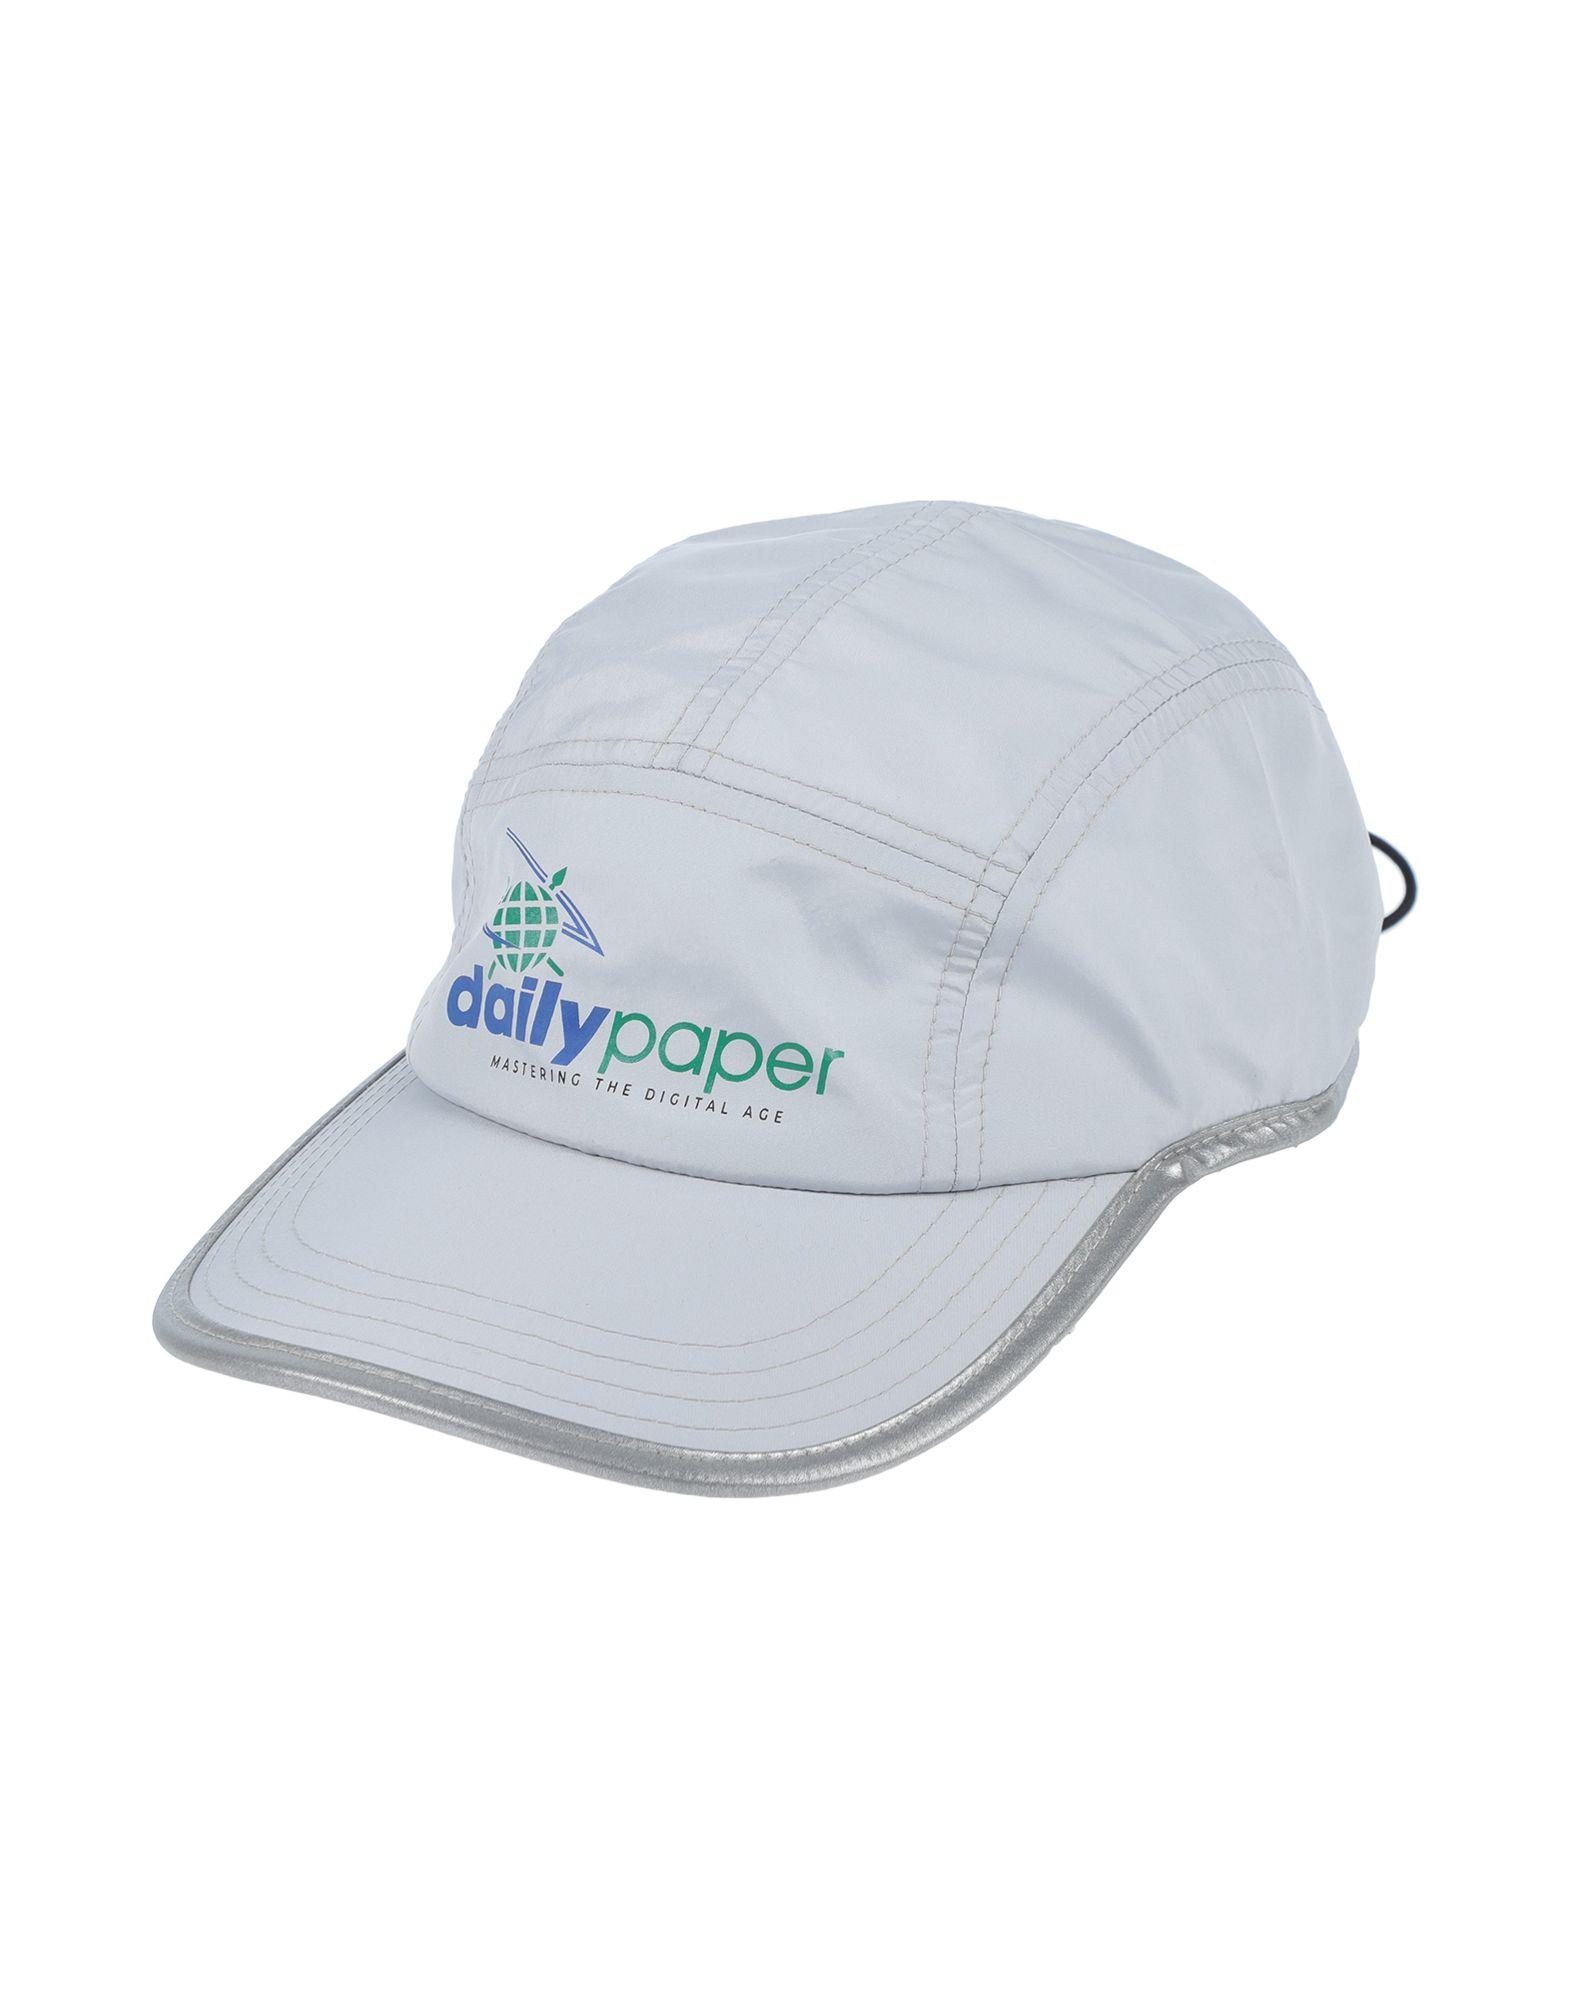 《セール開催中》DAILY PAPER メンズ 帽子 ライトグレー one size ナイロン 100%